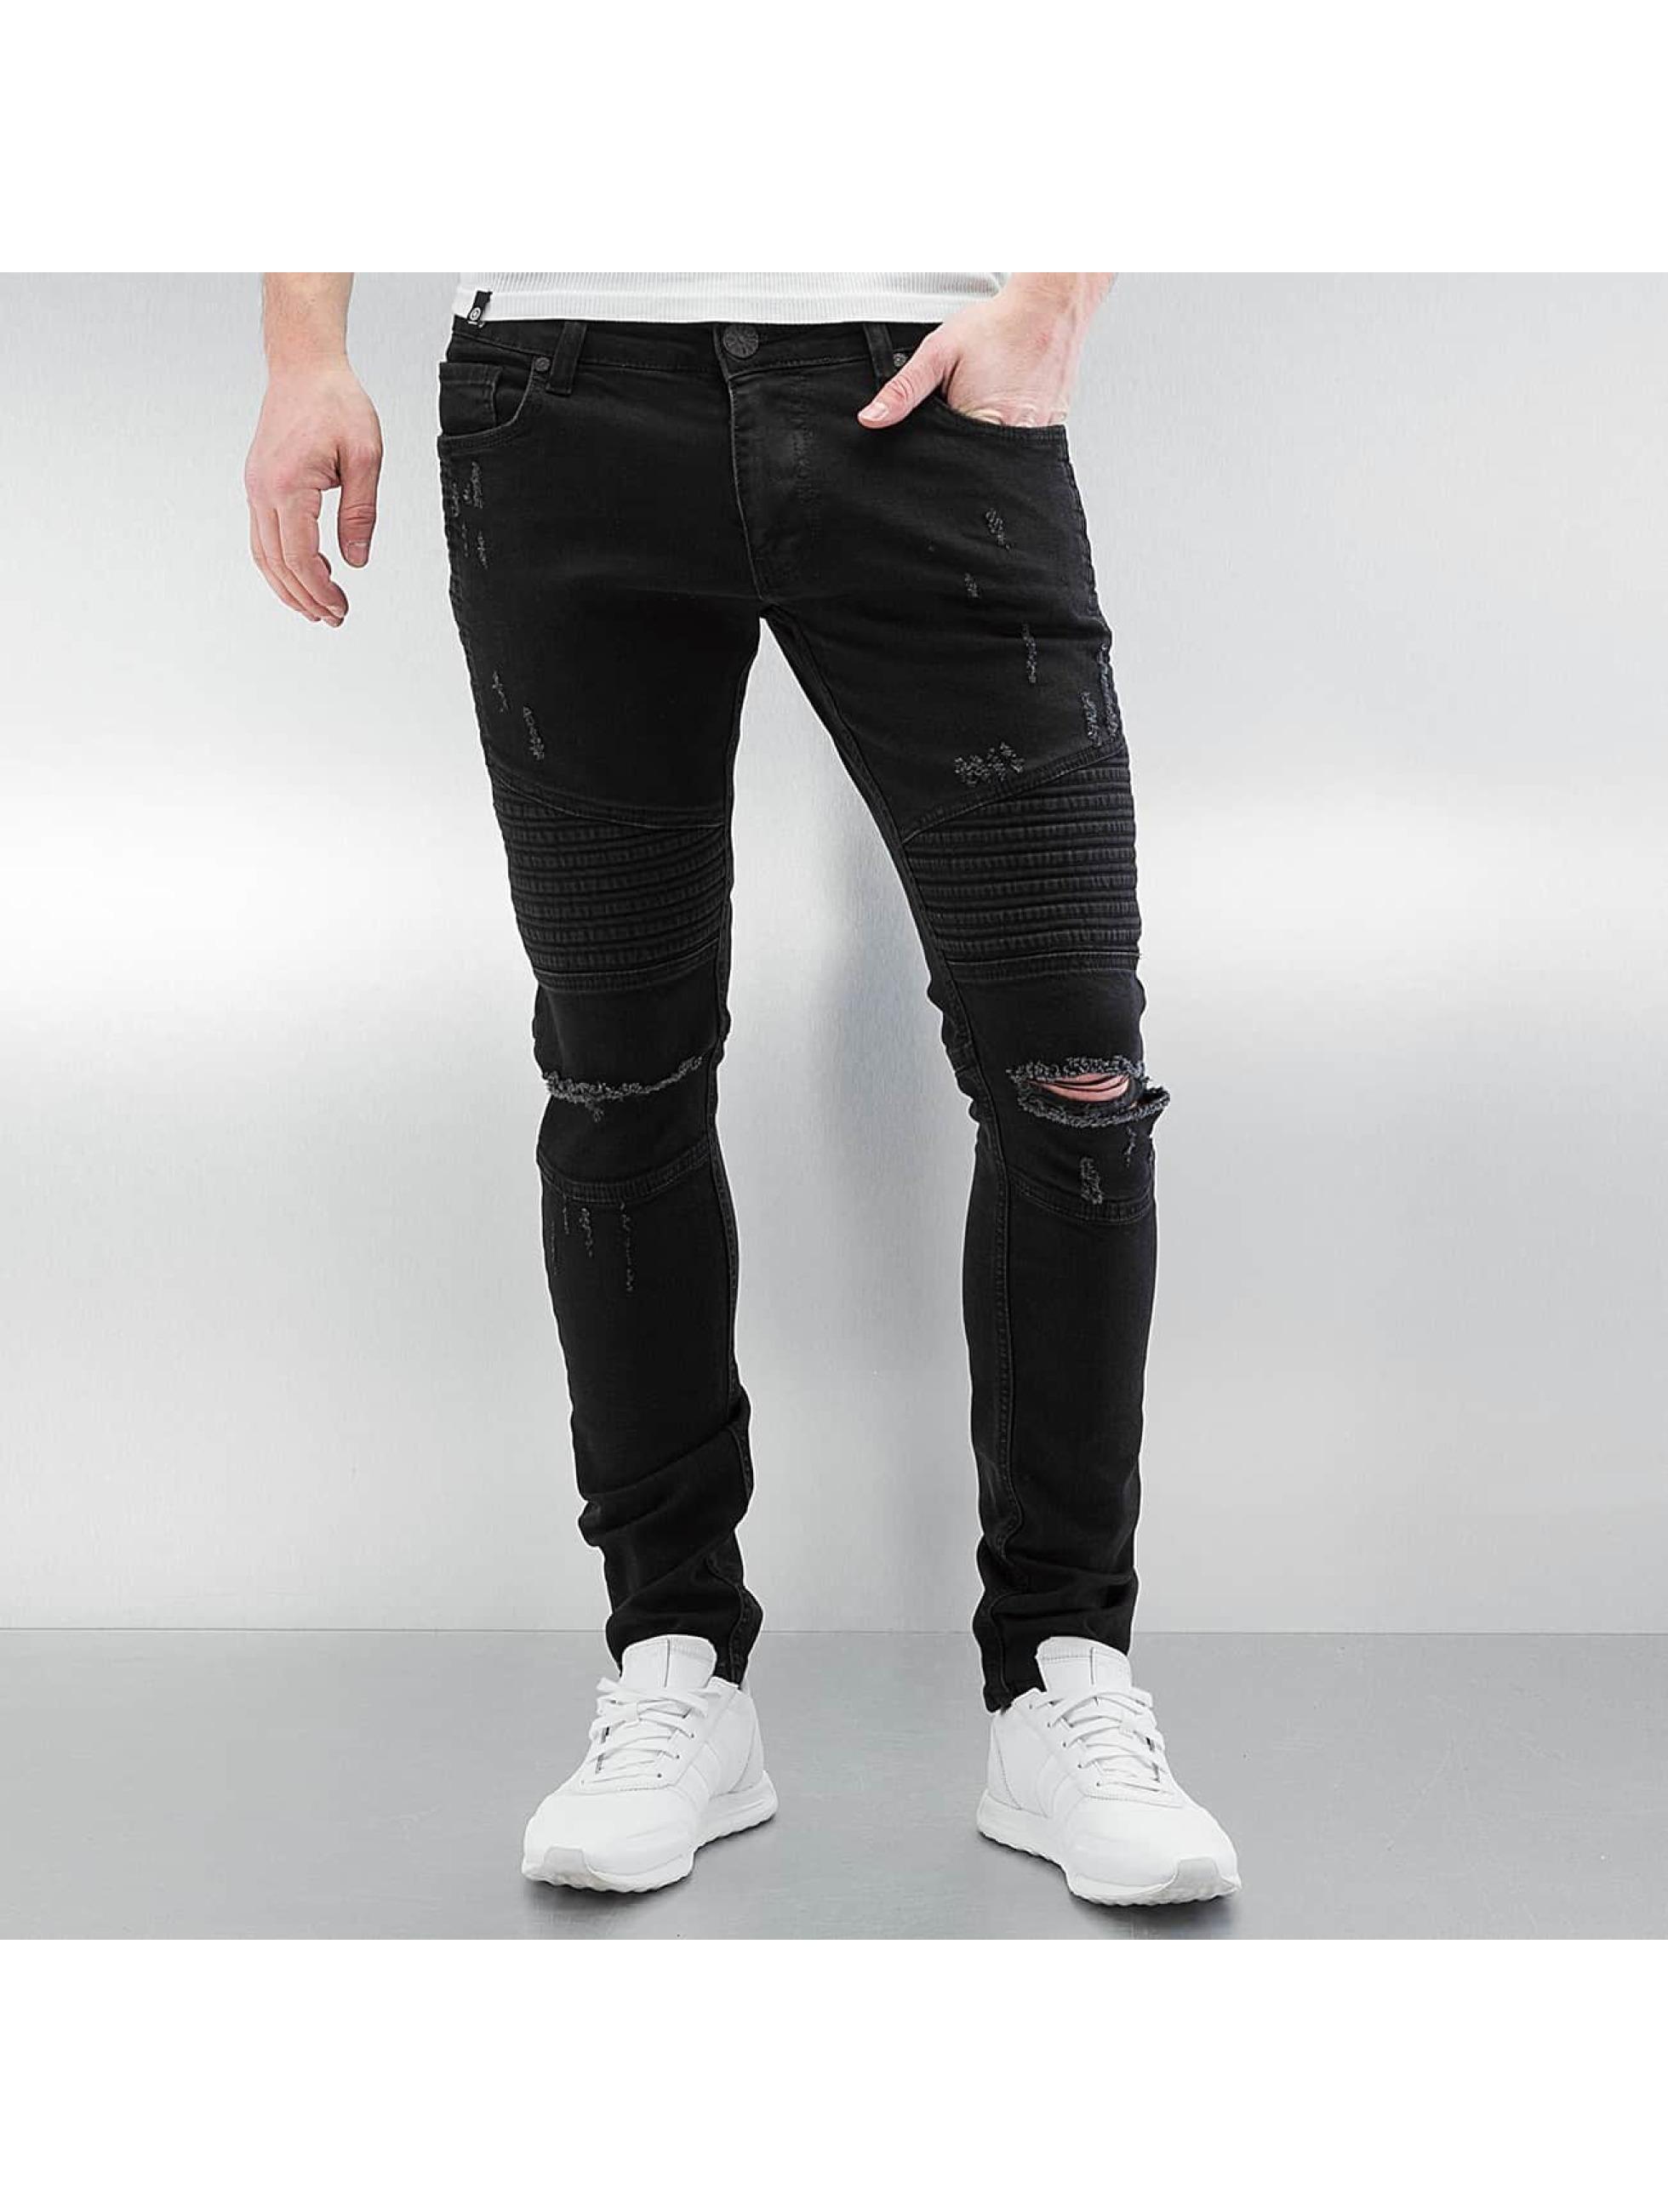 2Y Crap noir Jean skinny homme